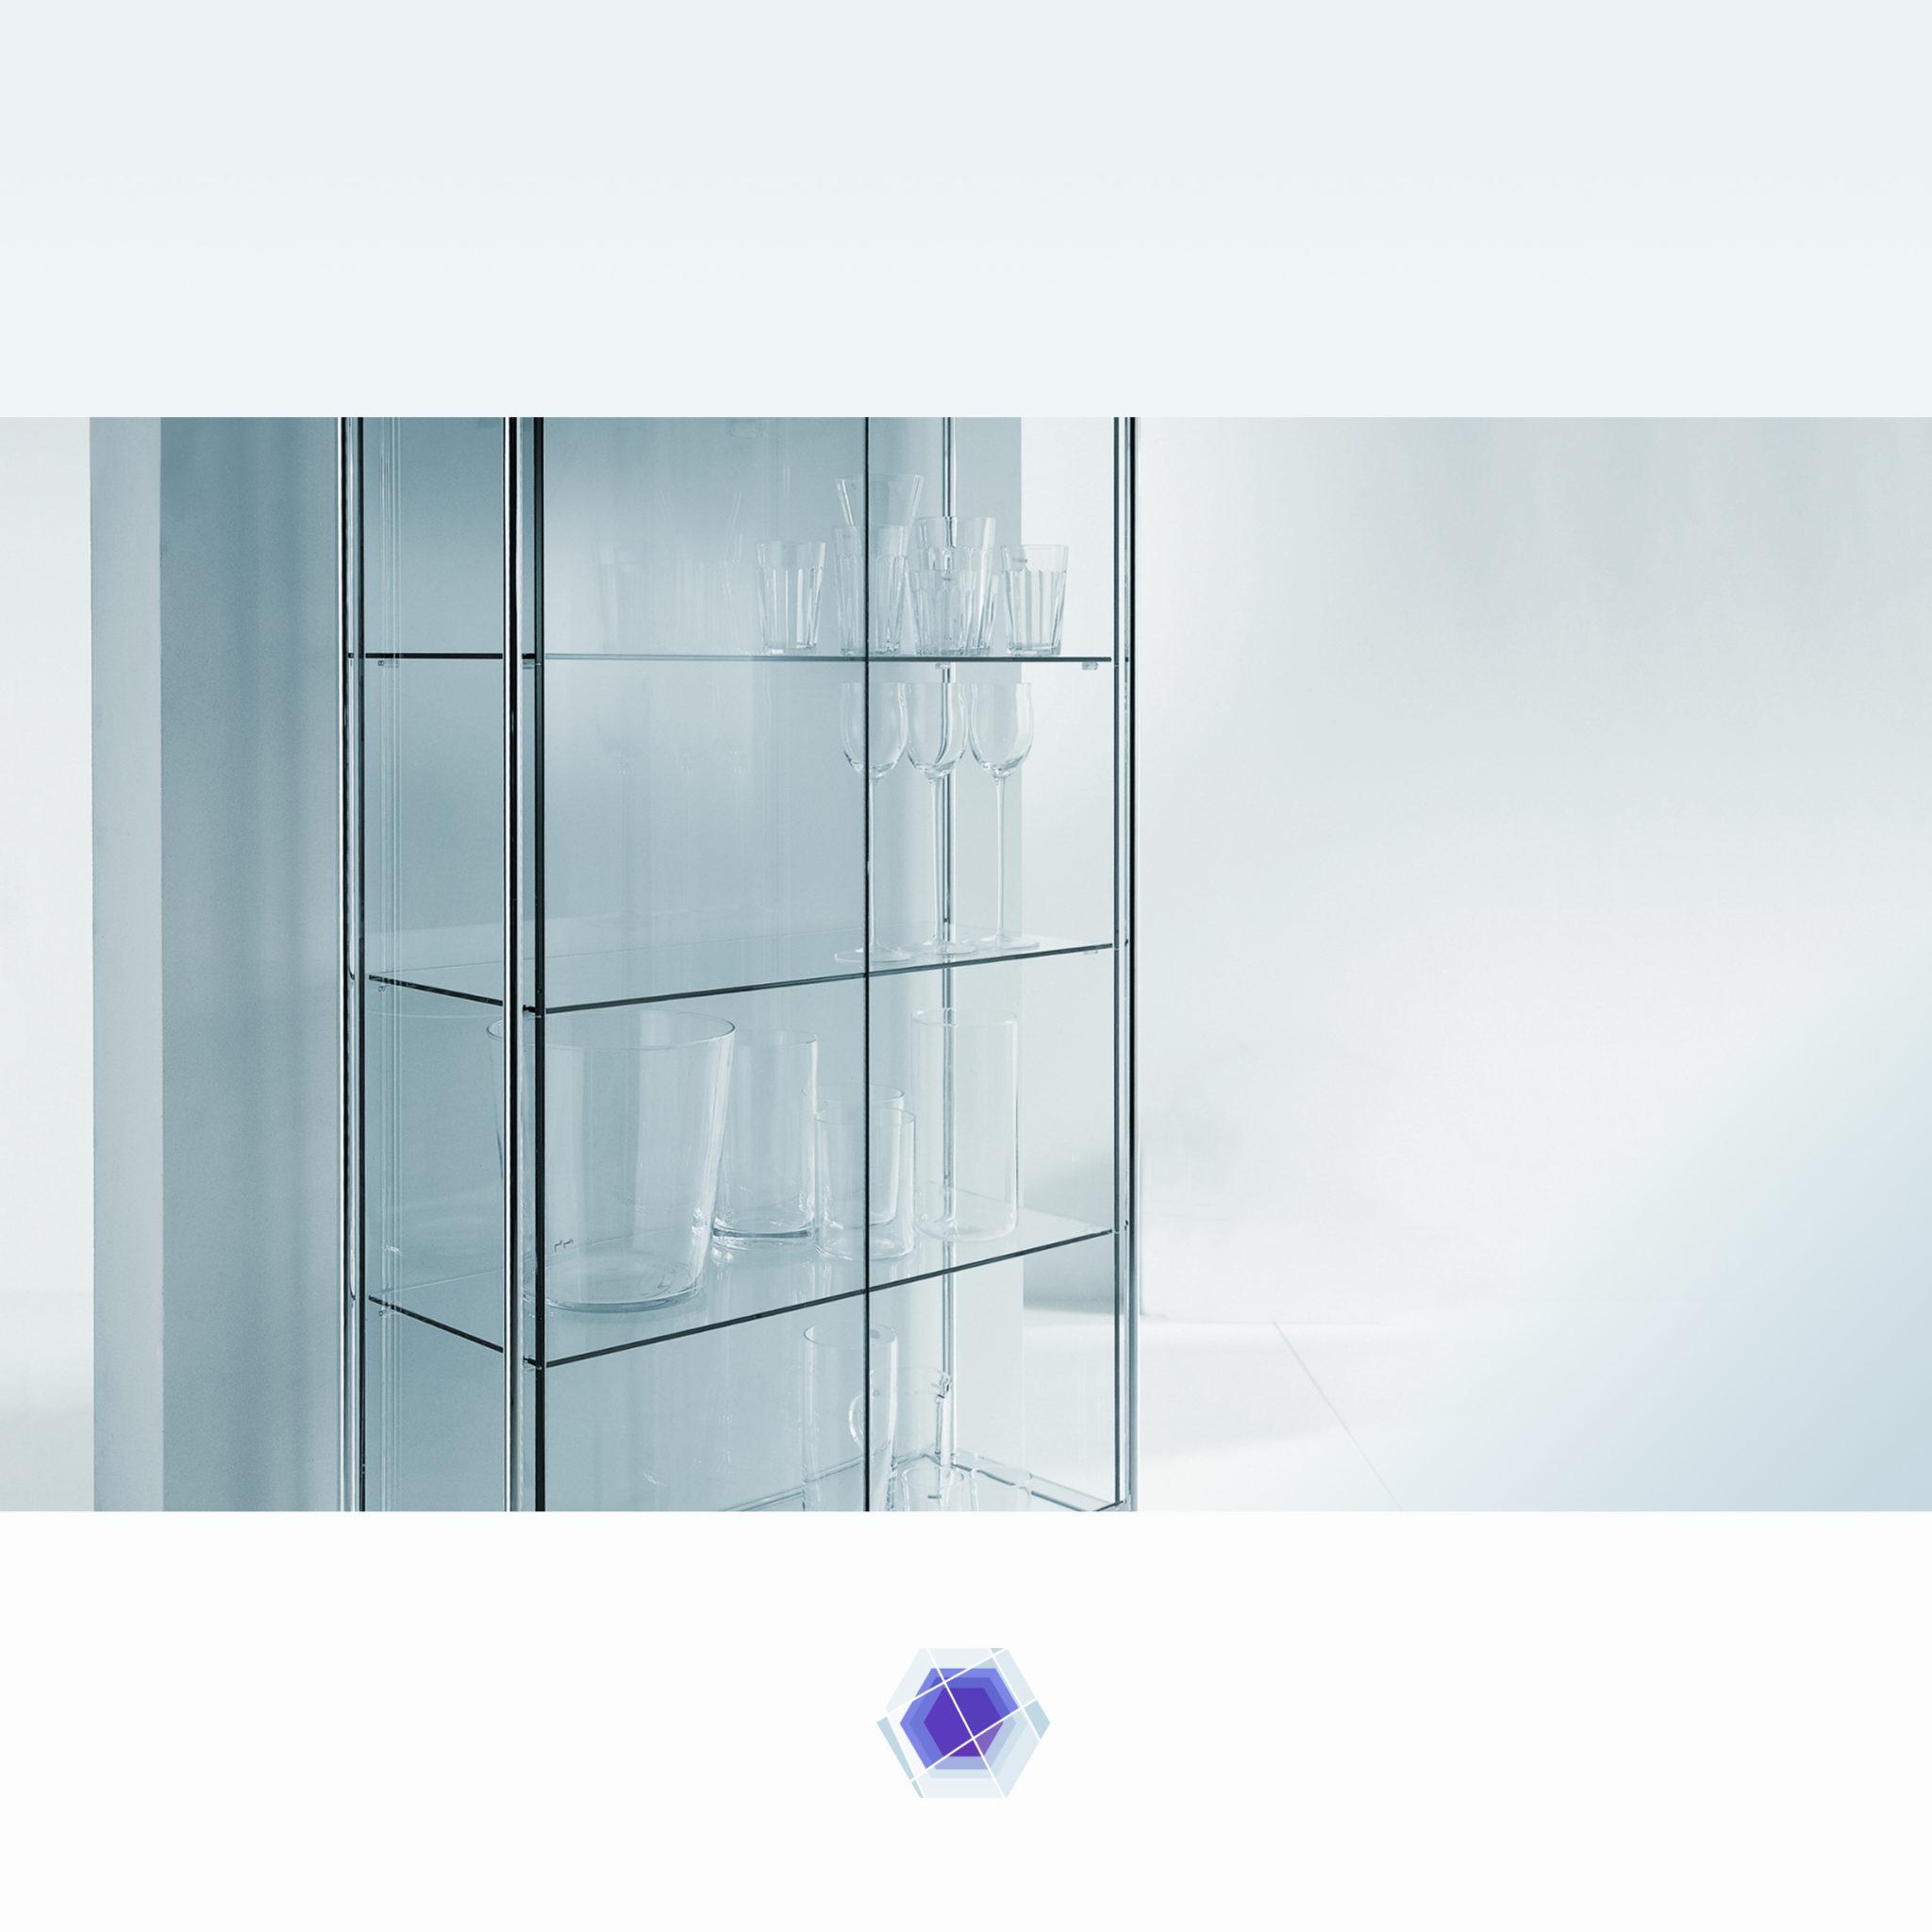 vetrine VETRO vetreria battiato catania - azienda artigianale